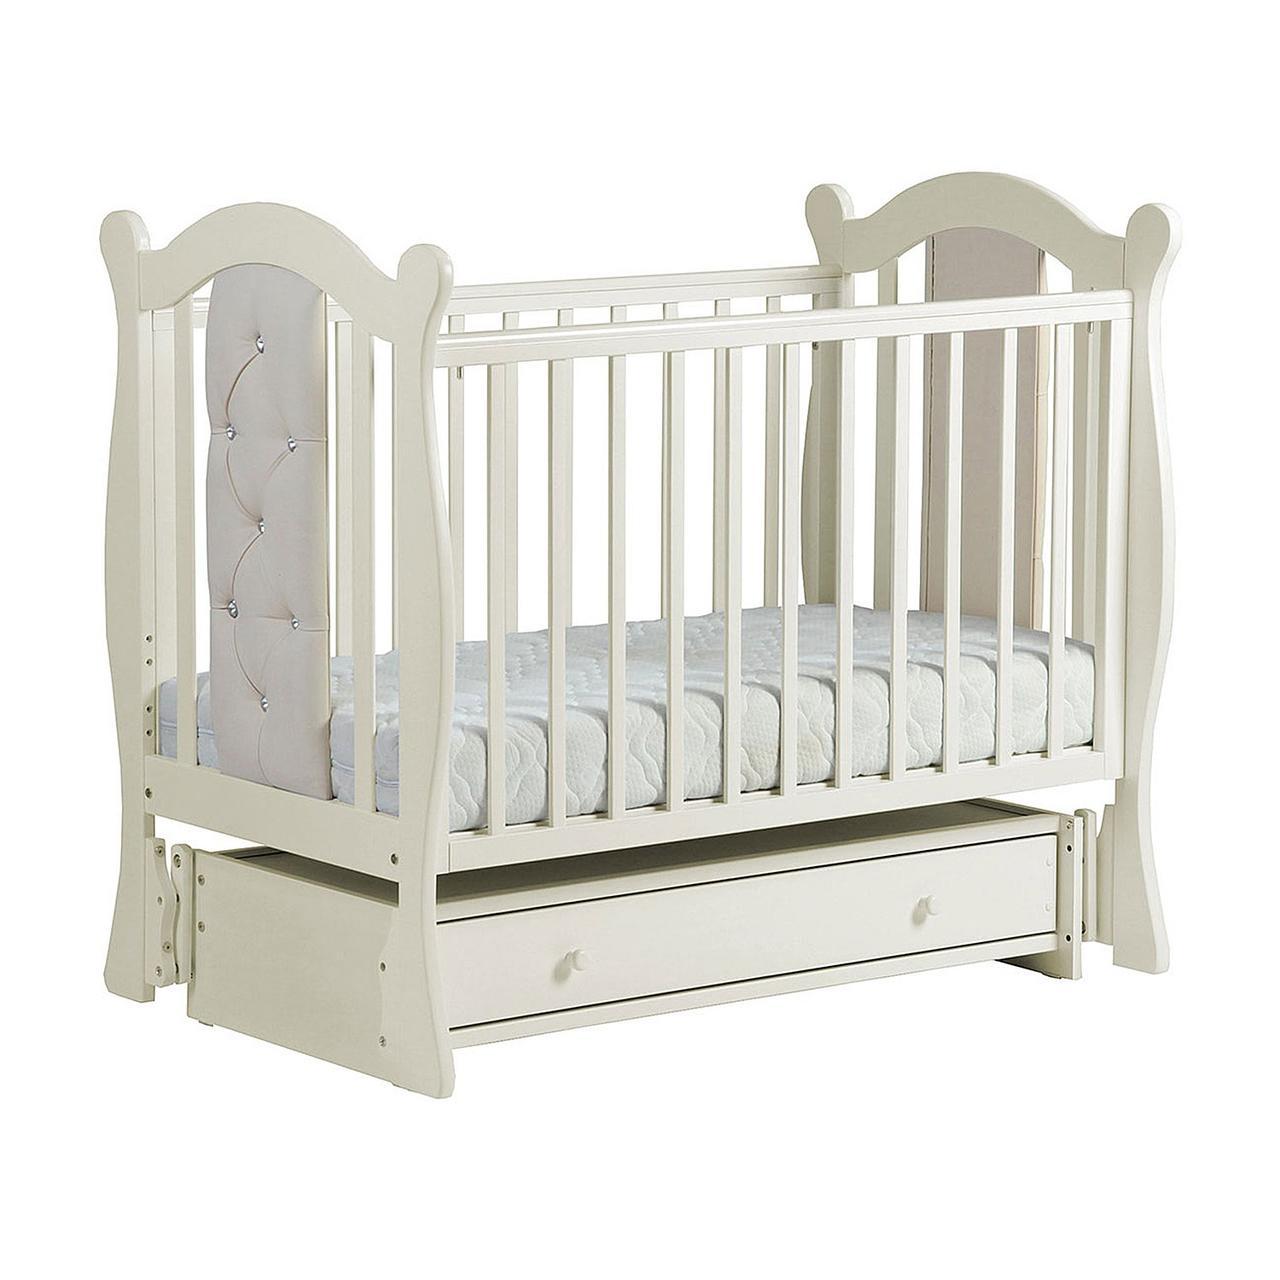 Детская кровать ЛЕЛЬ КУБАНОЧКА-9 универсальная с кожаными вставками Ваниль